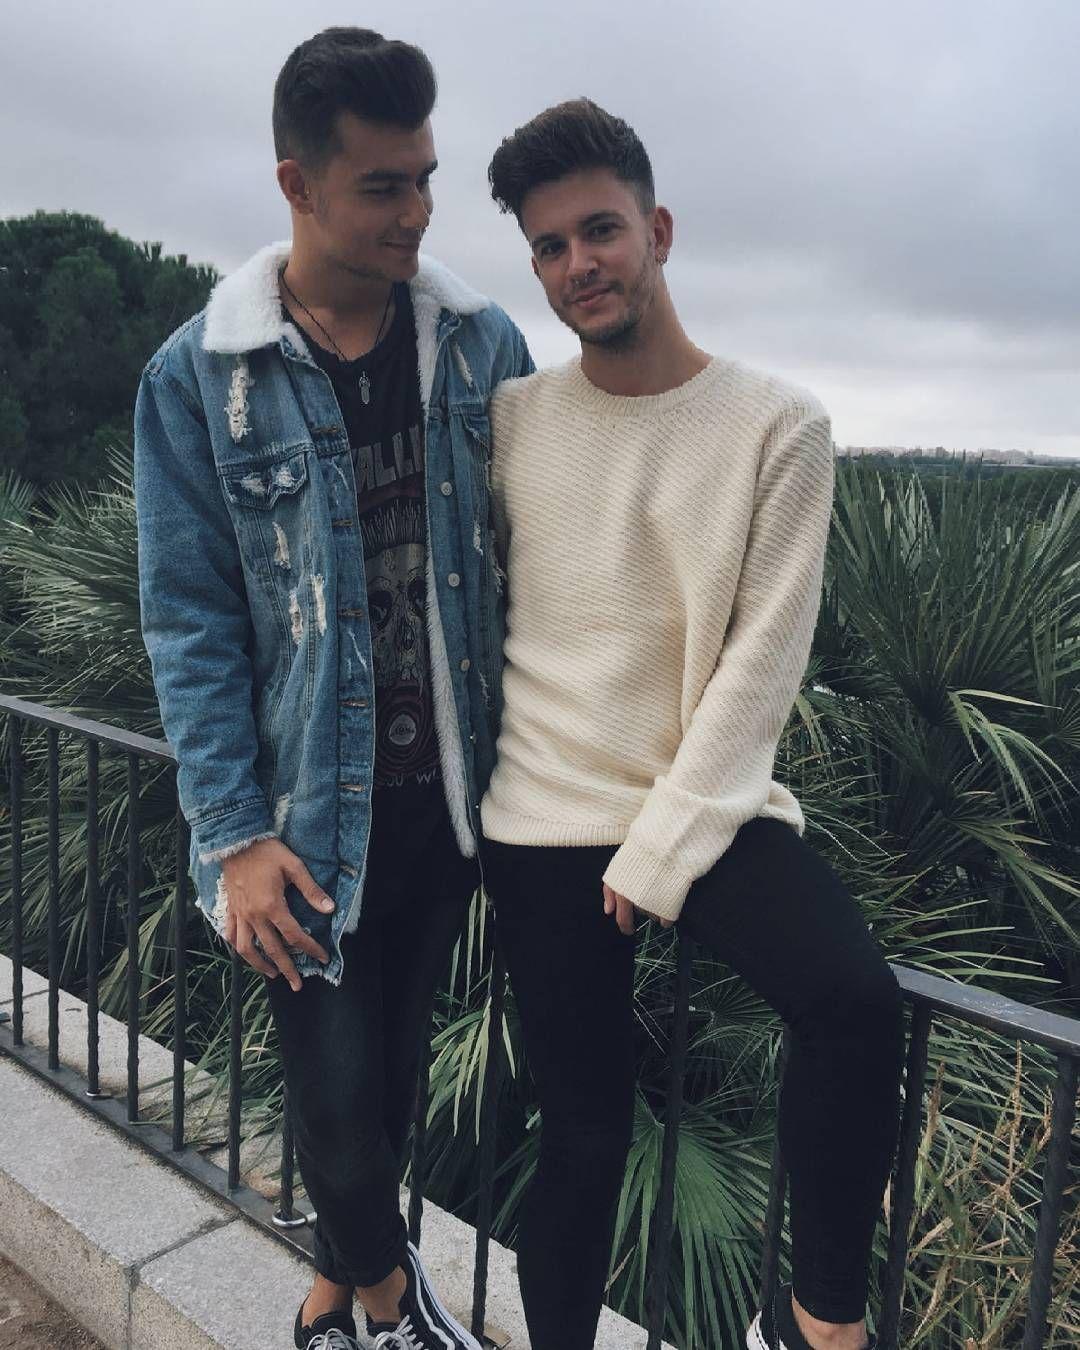 Partnersuche tipps für männer